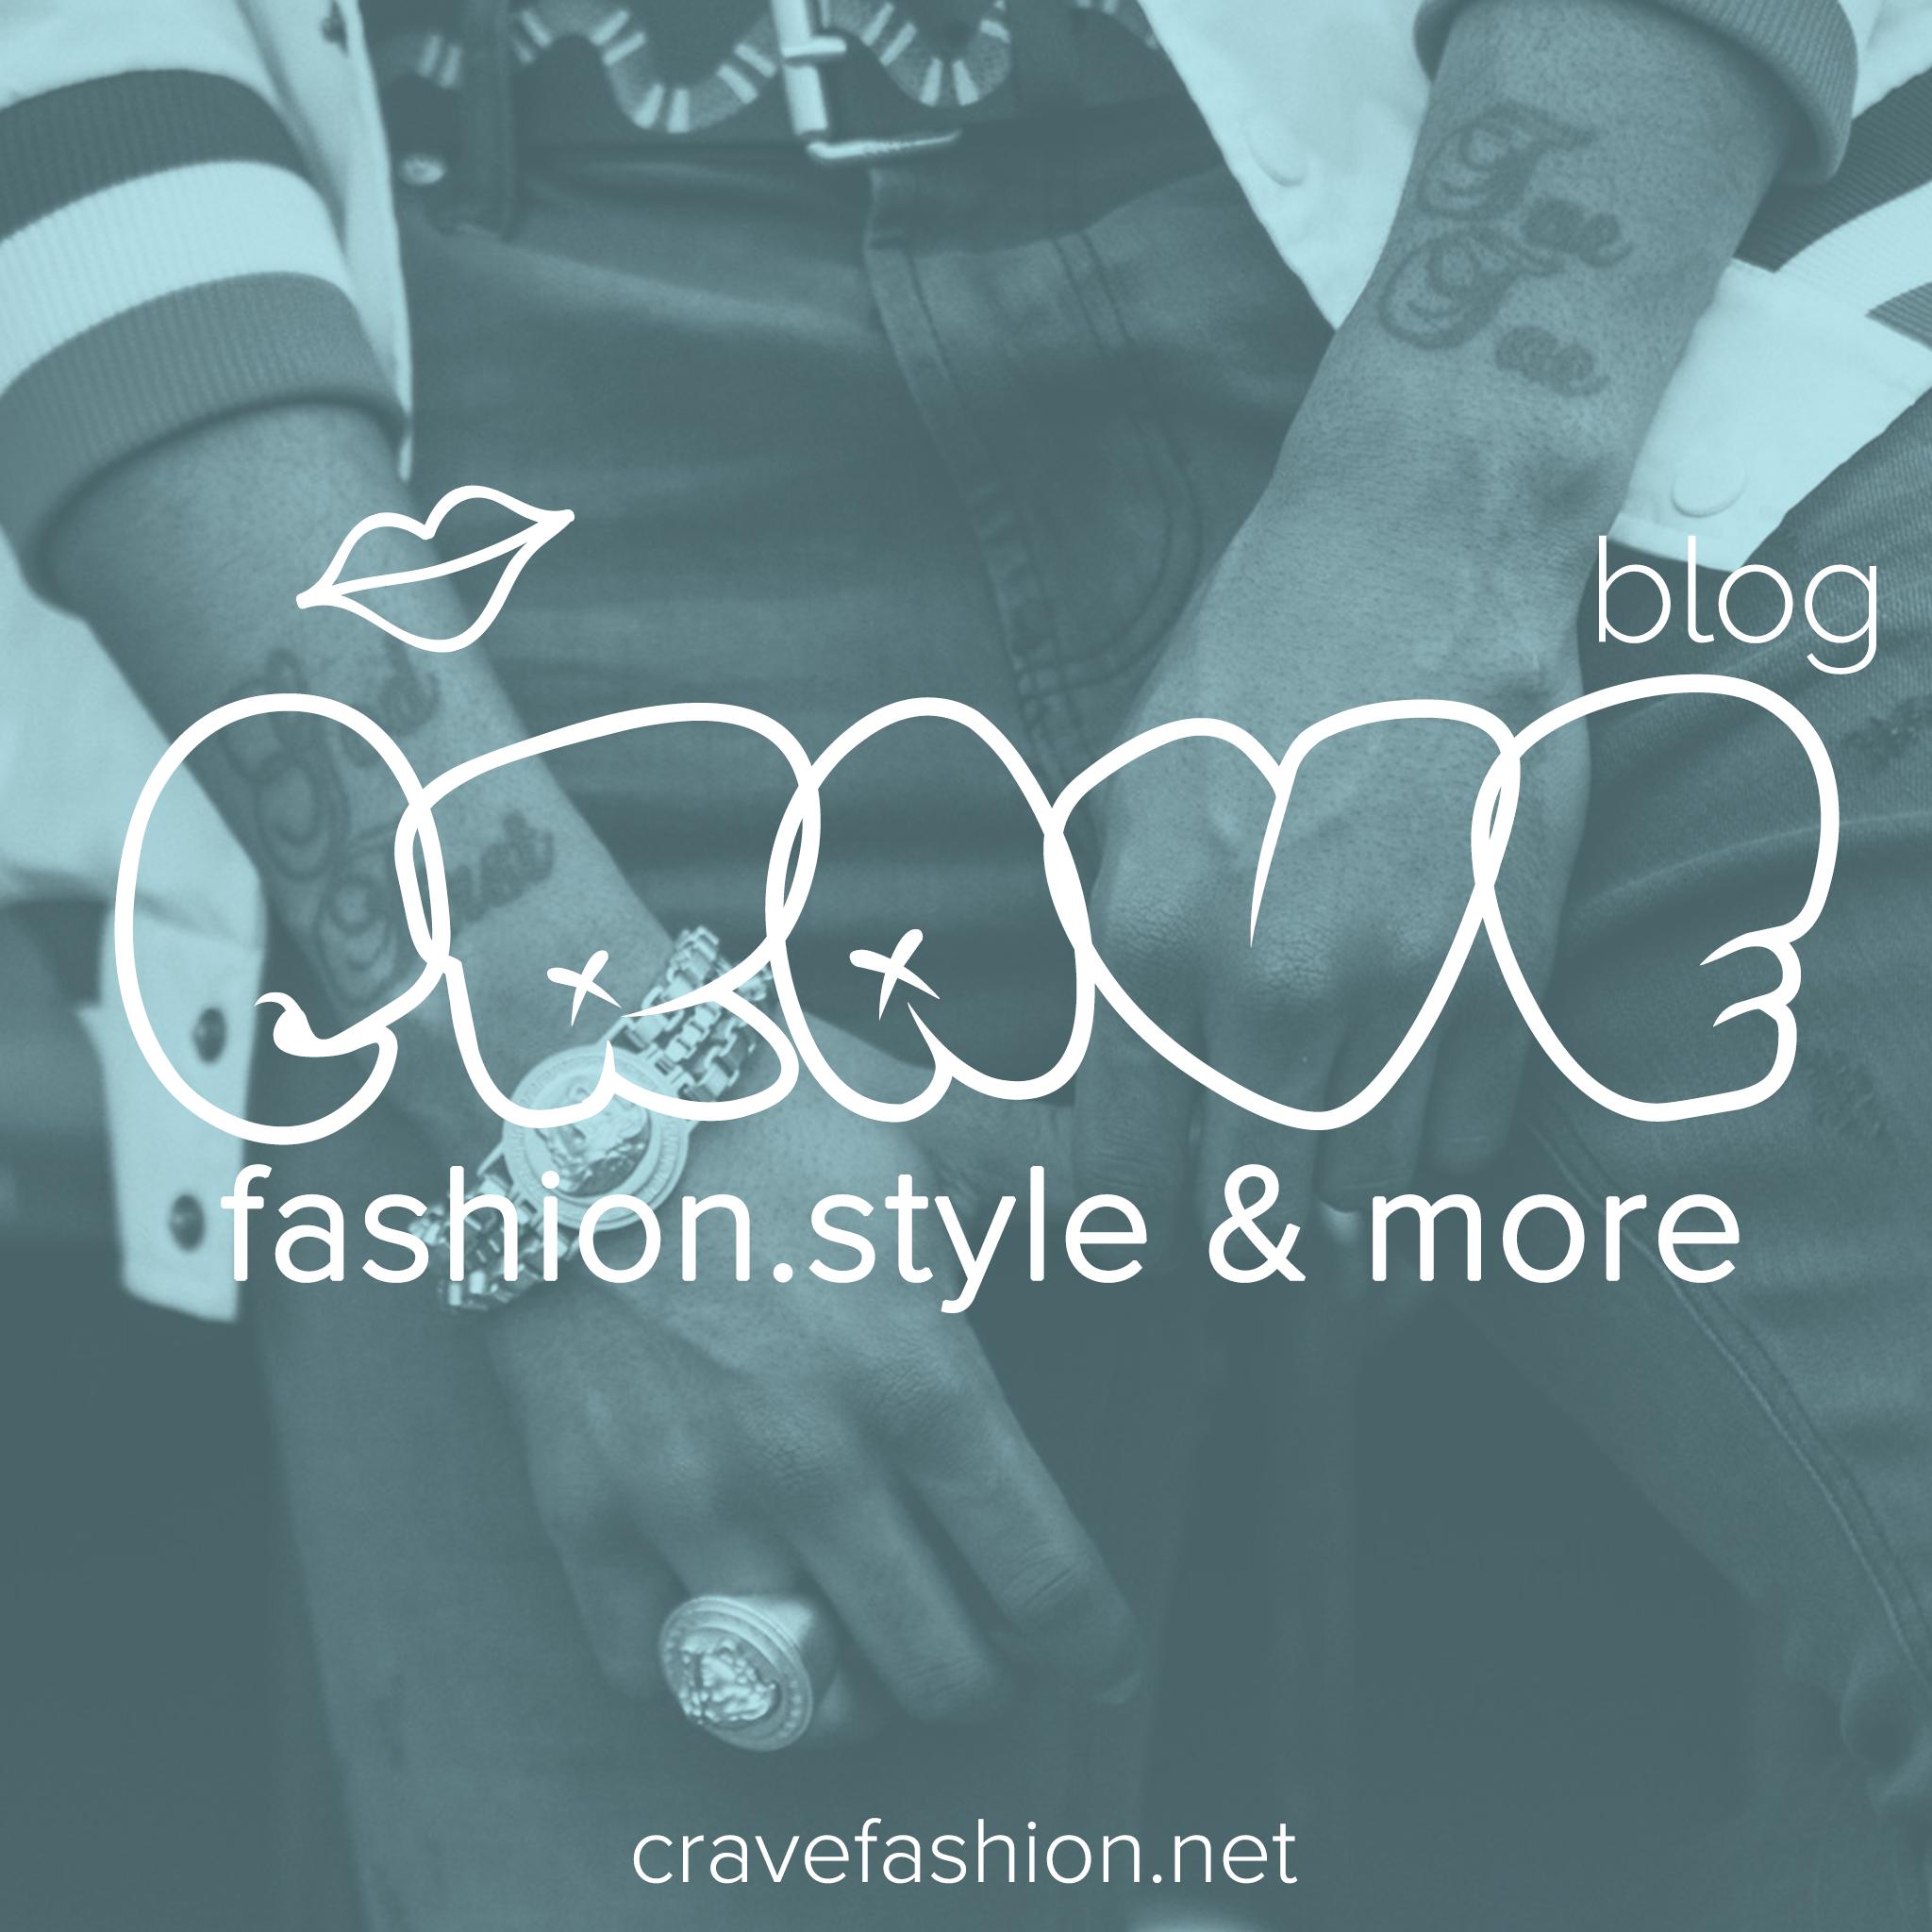 cravefashion.net